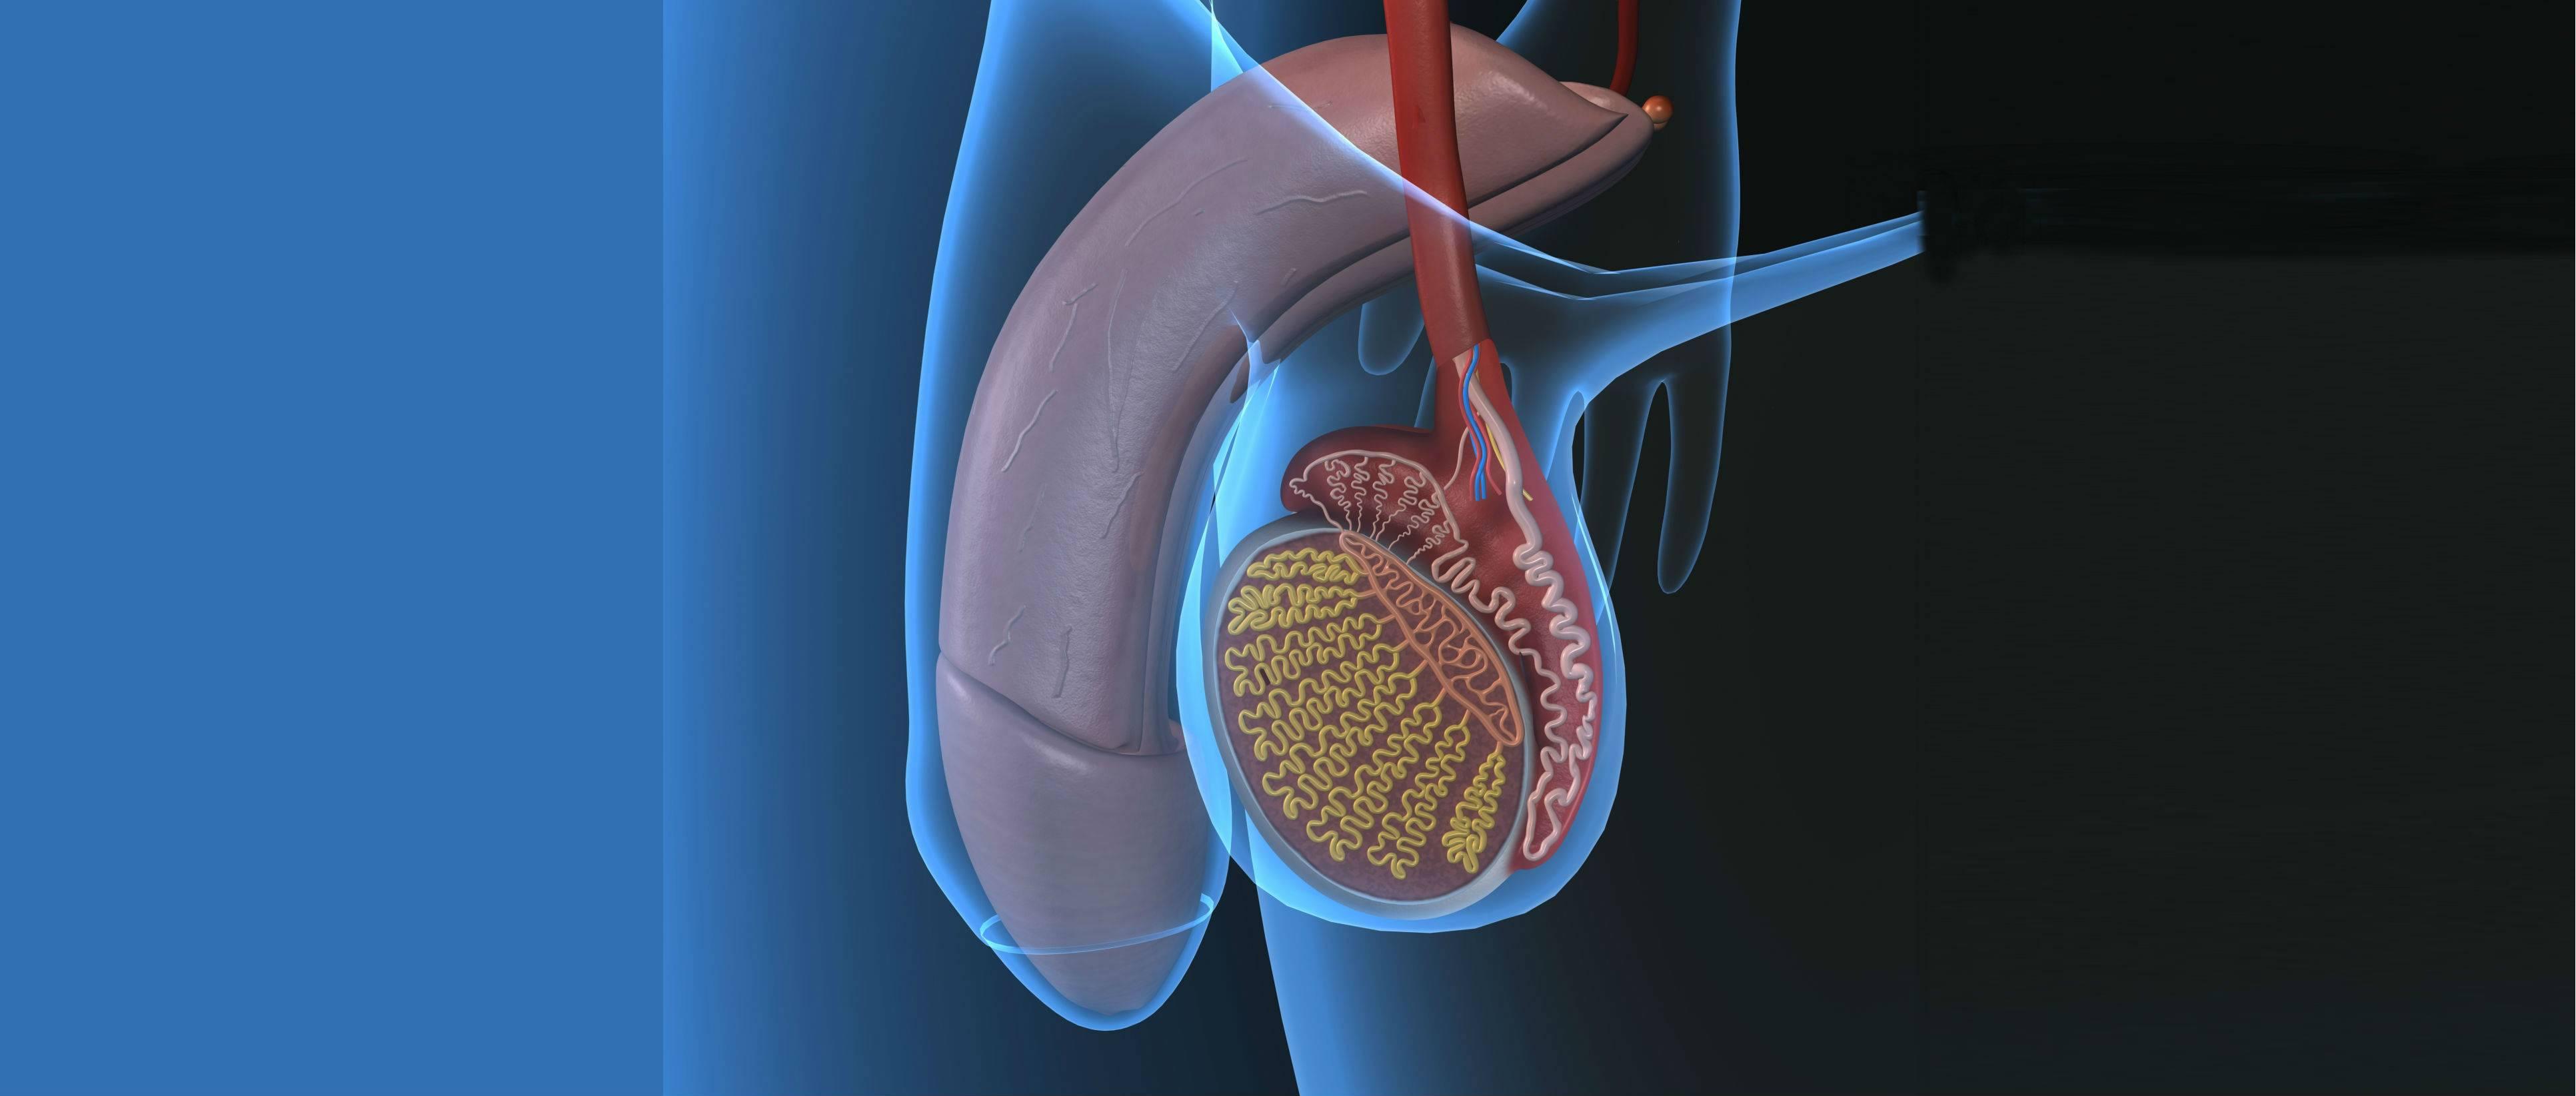 Могут ли болеть яйца у мужчин от простатита комплексный препарат от простатита